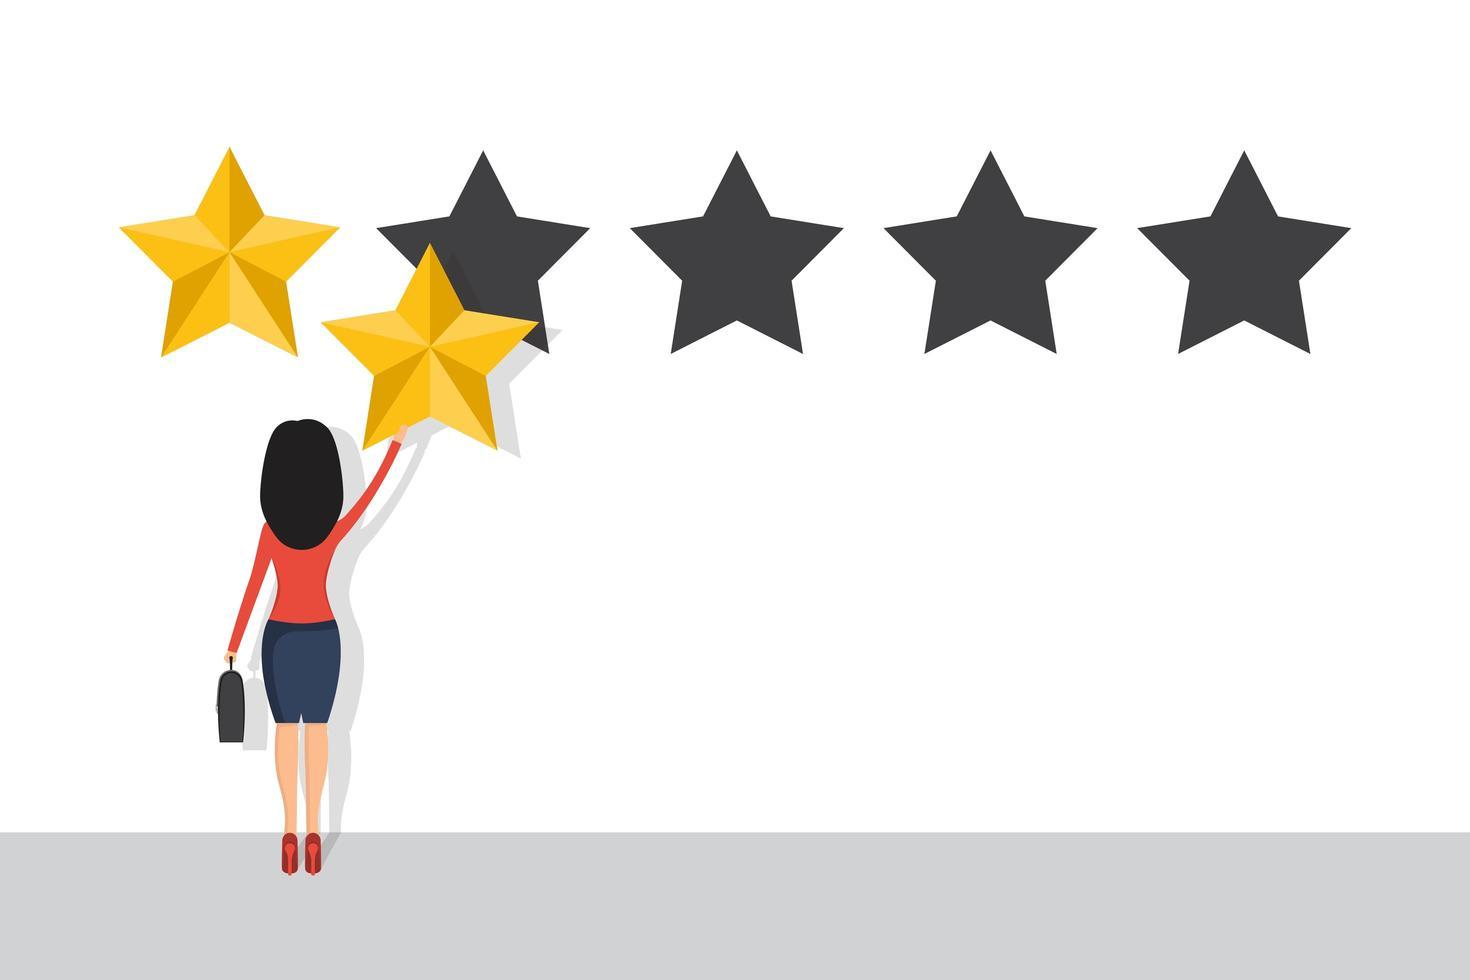 empresária dá uma avaliação de 2 estrelas. conceito de avaliação vetor